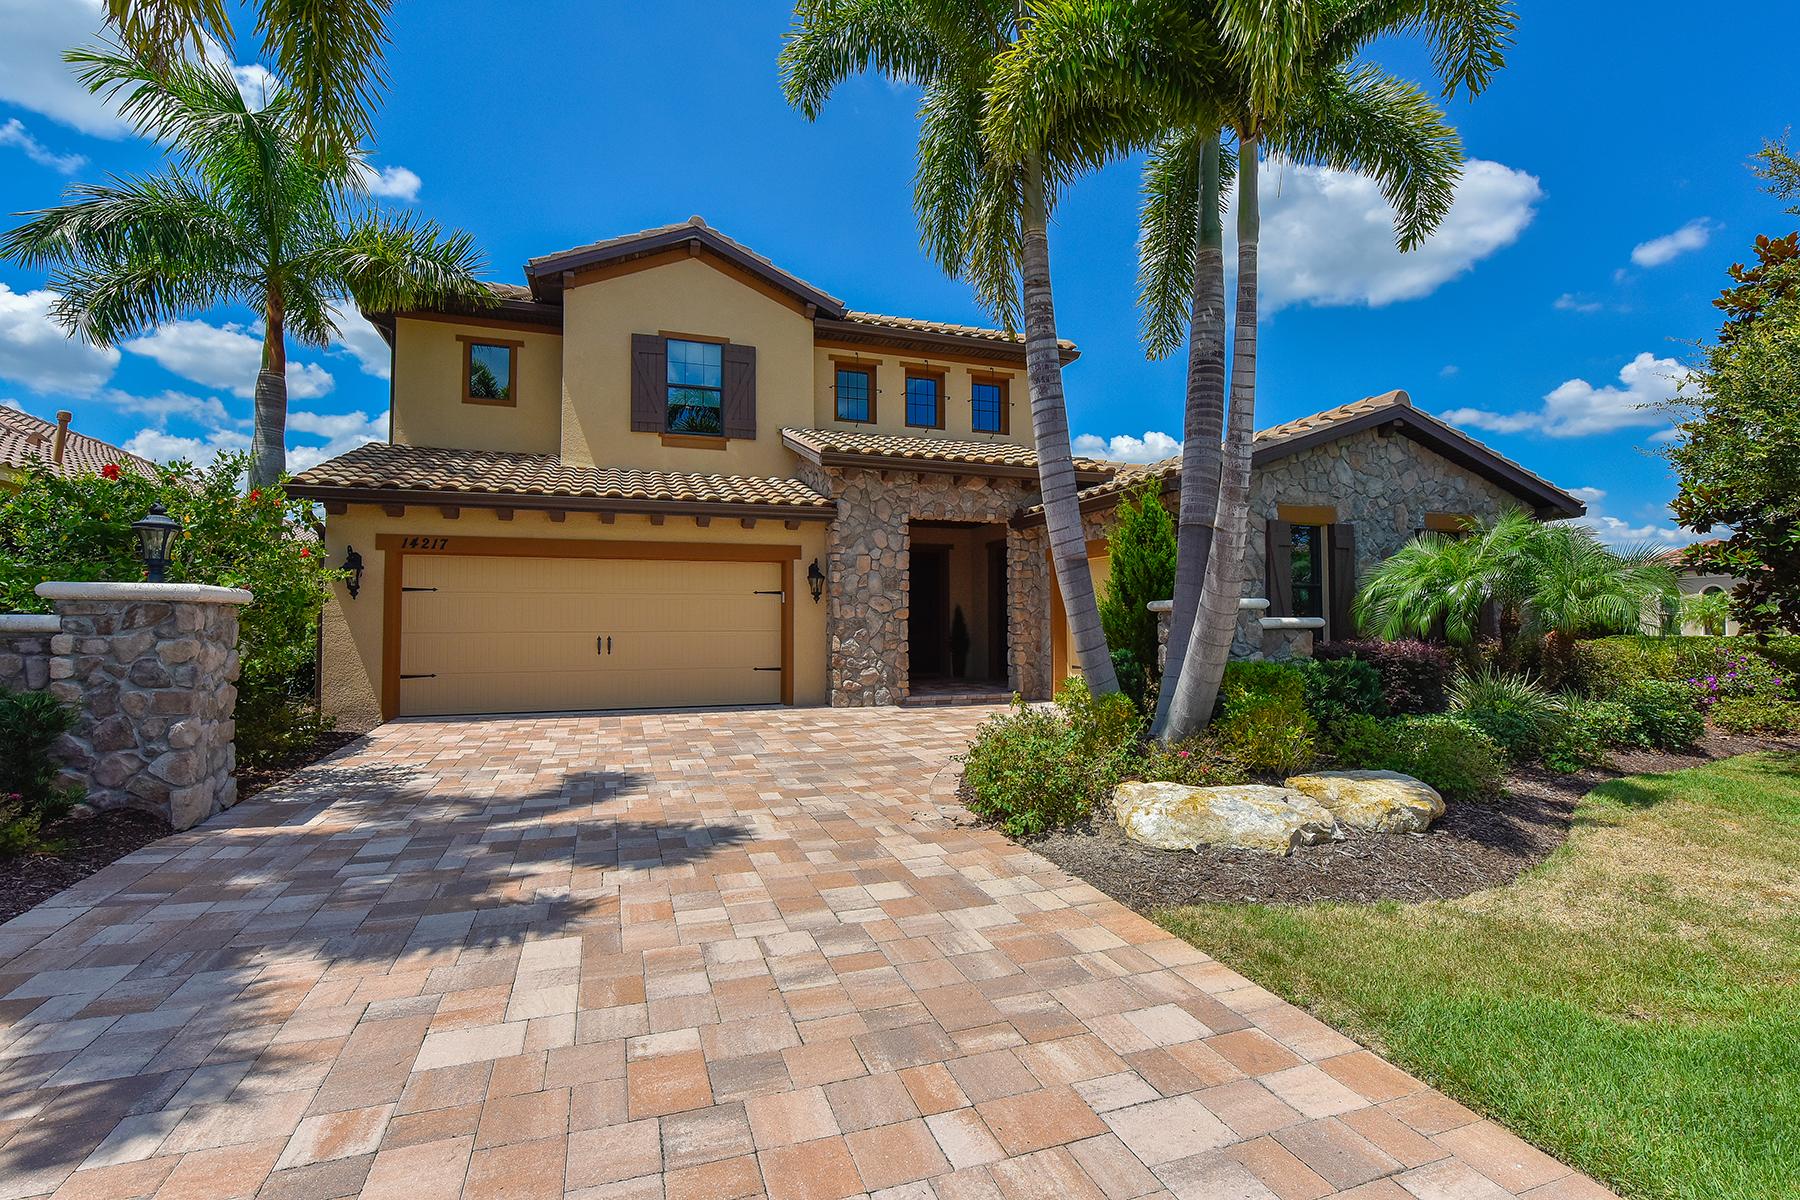 獨棟家庭住宅 為 出售 在 LAKEWOOD RANCH - COUNTRY CLUB EAST 14217 Bathgate Terr Bradenton, 佛羅里達州, 34202 美國